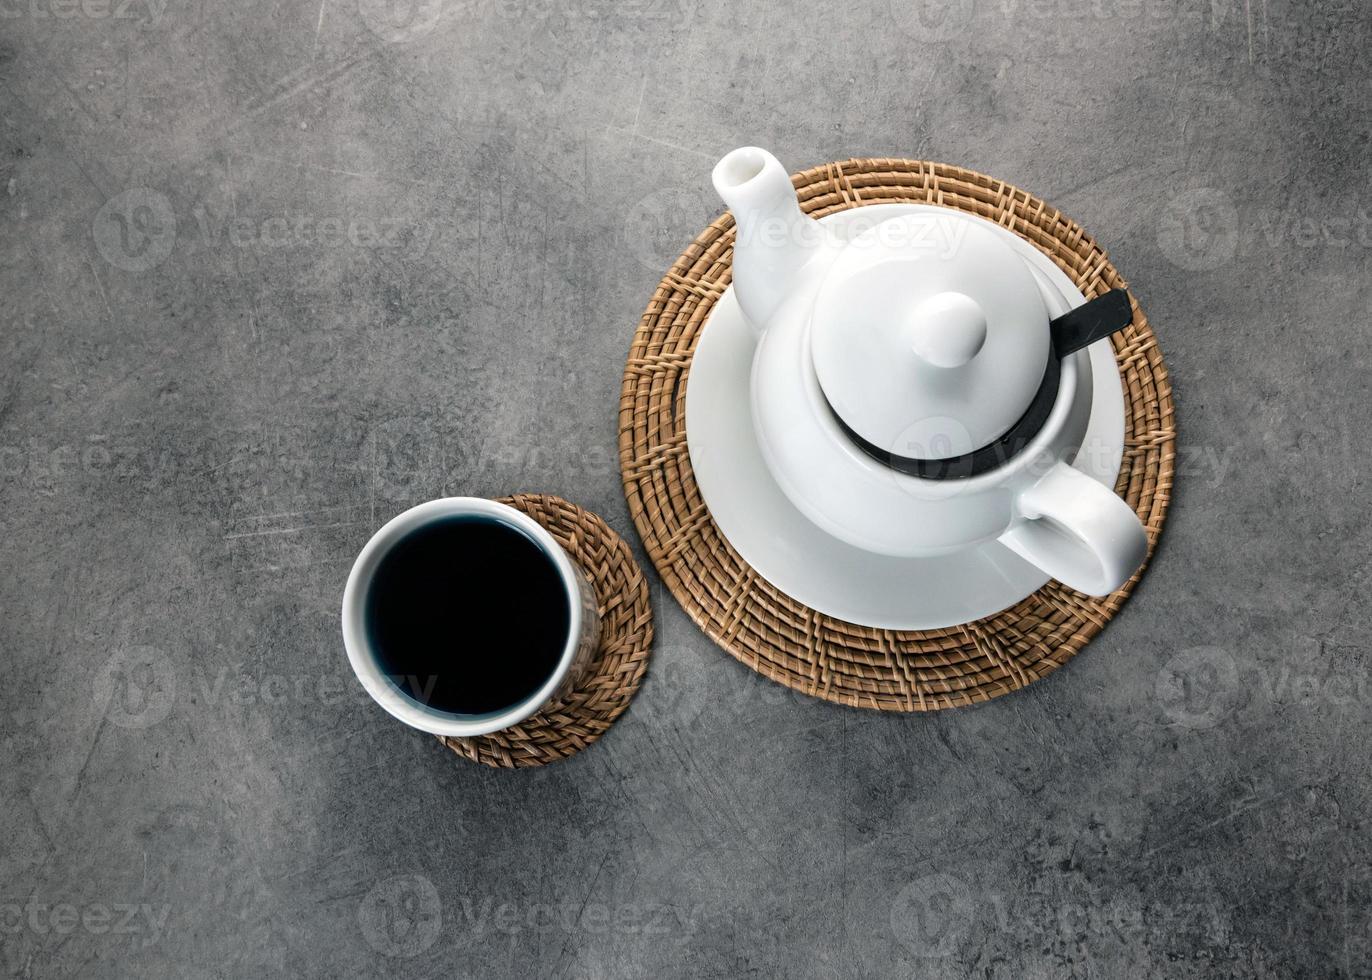 xícara de chá de porcelana branca e bule, configuração de mesa de chá da tarde foto